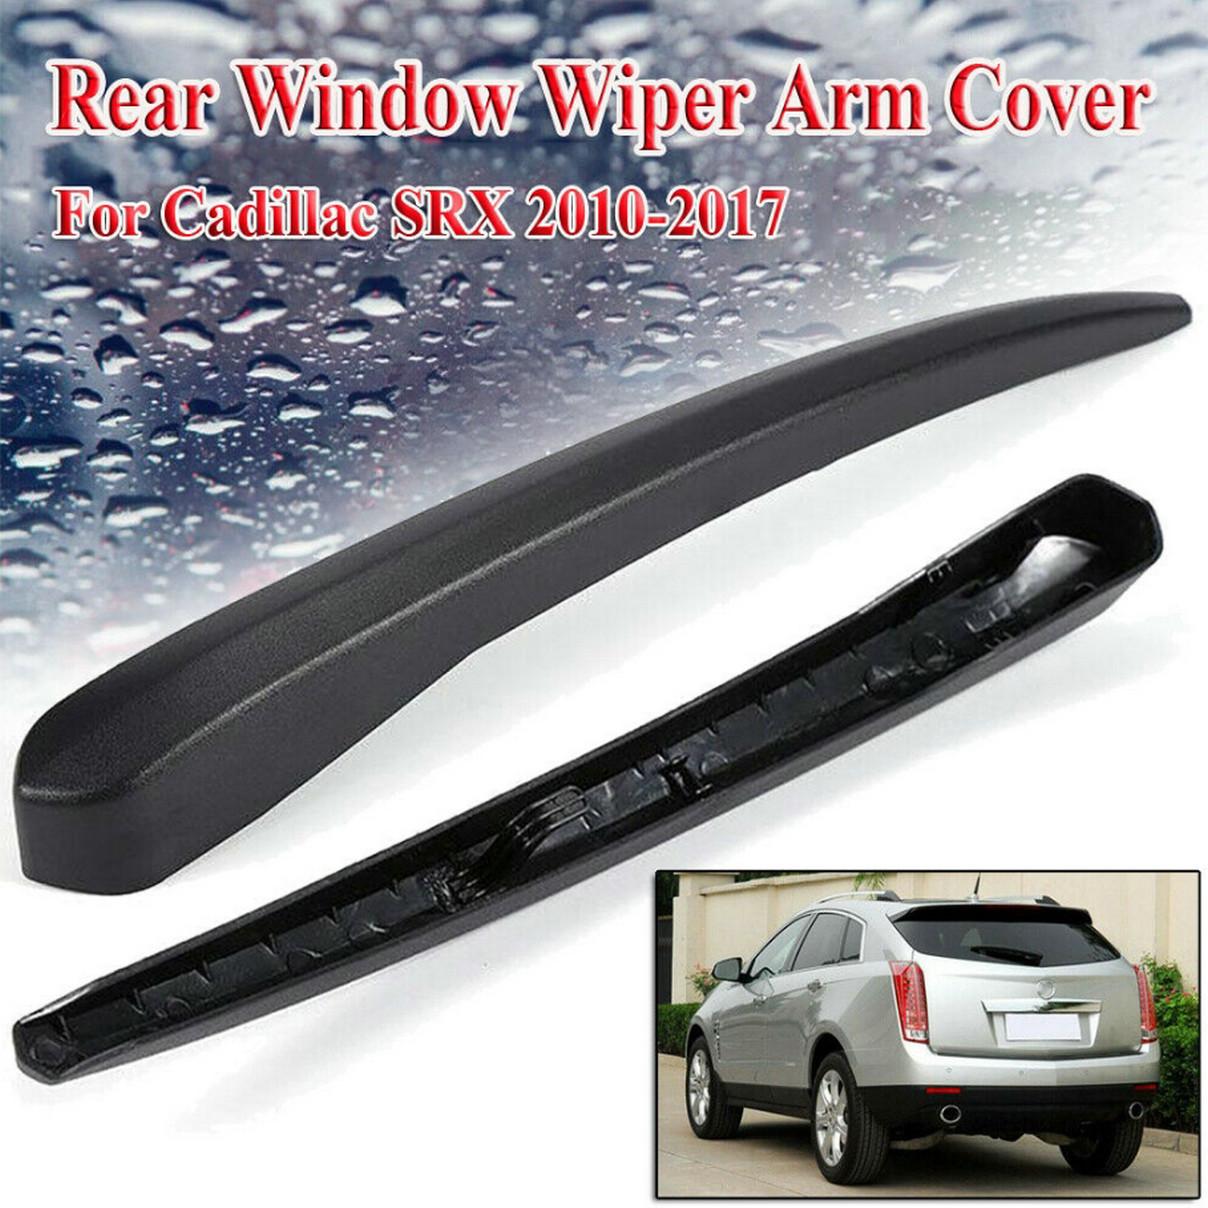 Car Rear Windshield Window Wiper Arm Cover Trim For Cadillac SRX 2010-2017 Black